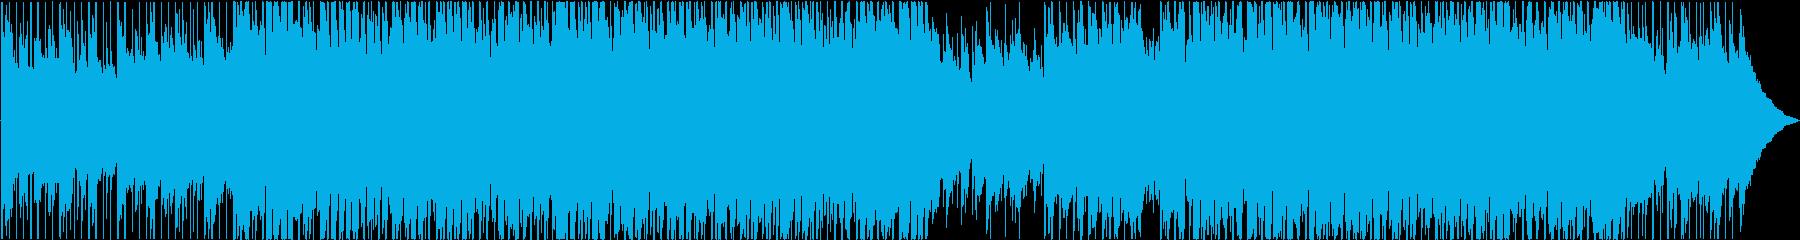 簡単な明るいファンクの再生済みの波形